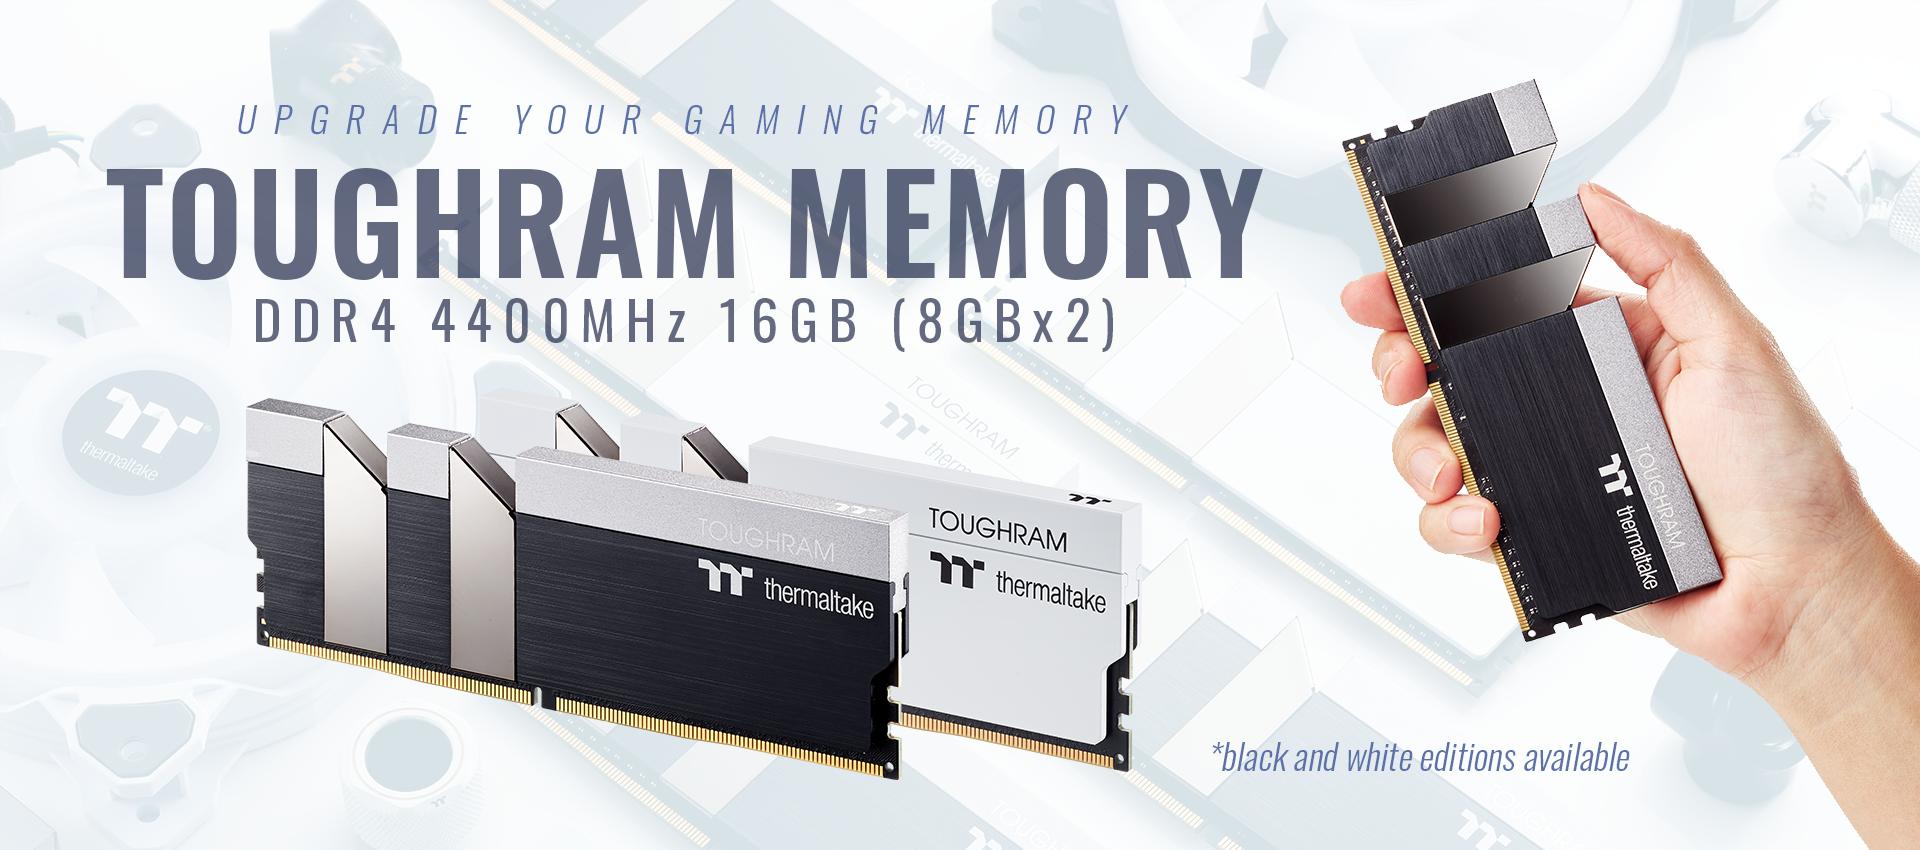 TOUGH RAM  Memory DDR4